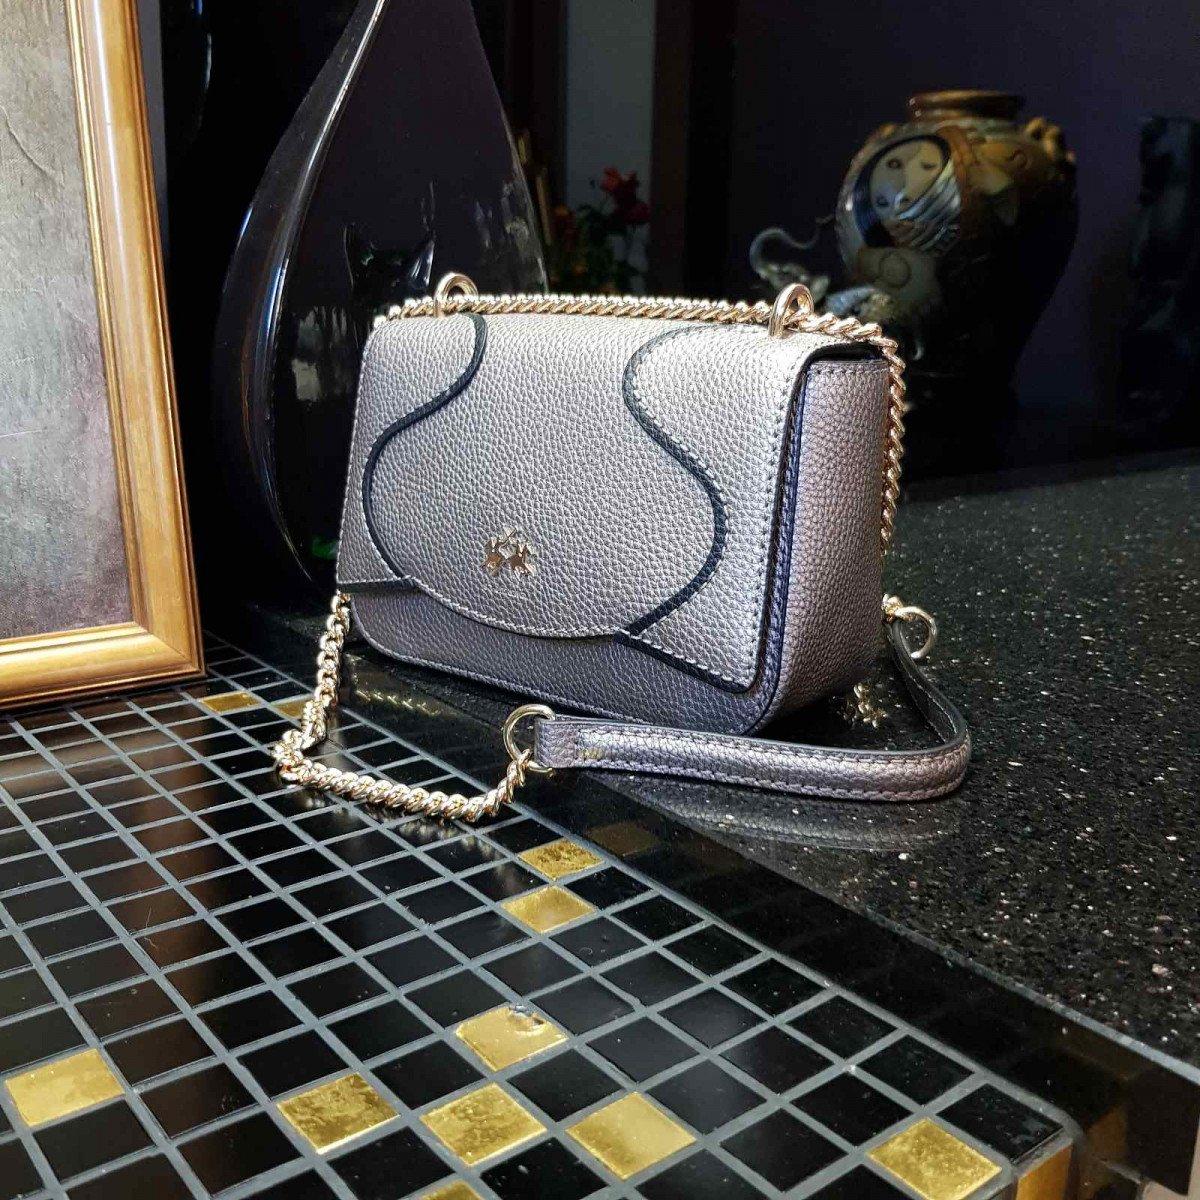 Кожаная женская сумка LA Martina 41W413 P0004 steel gray из натуральной кожи из натуральной кожи